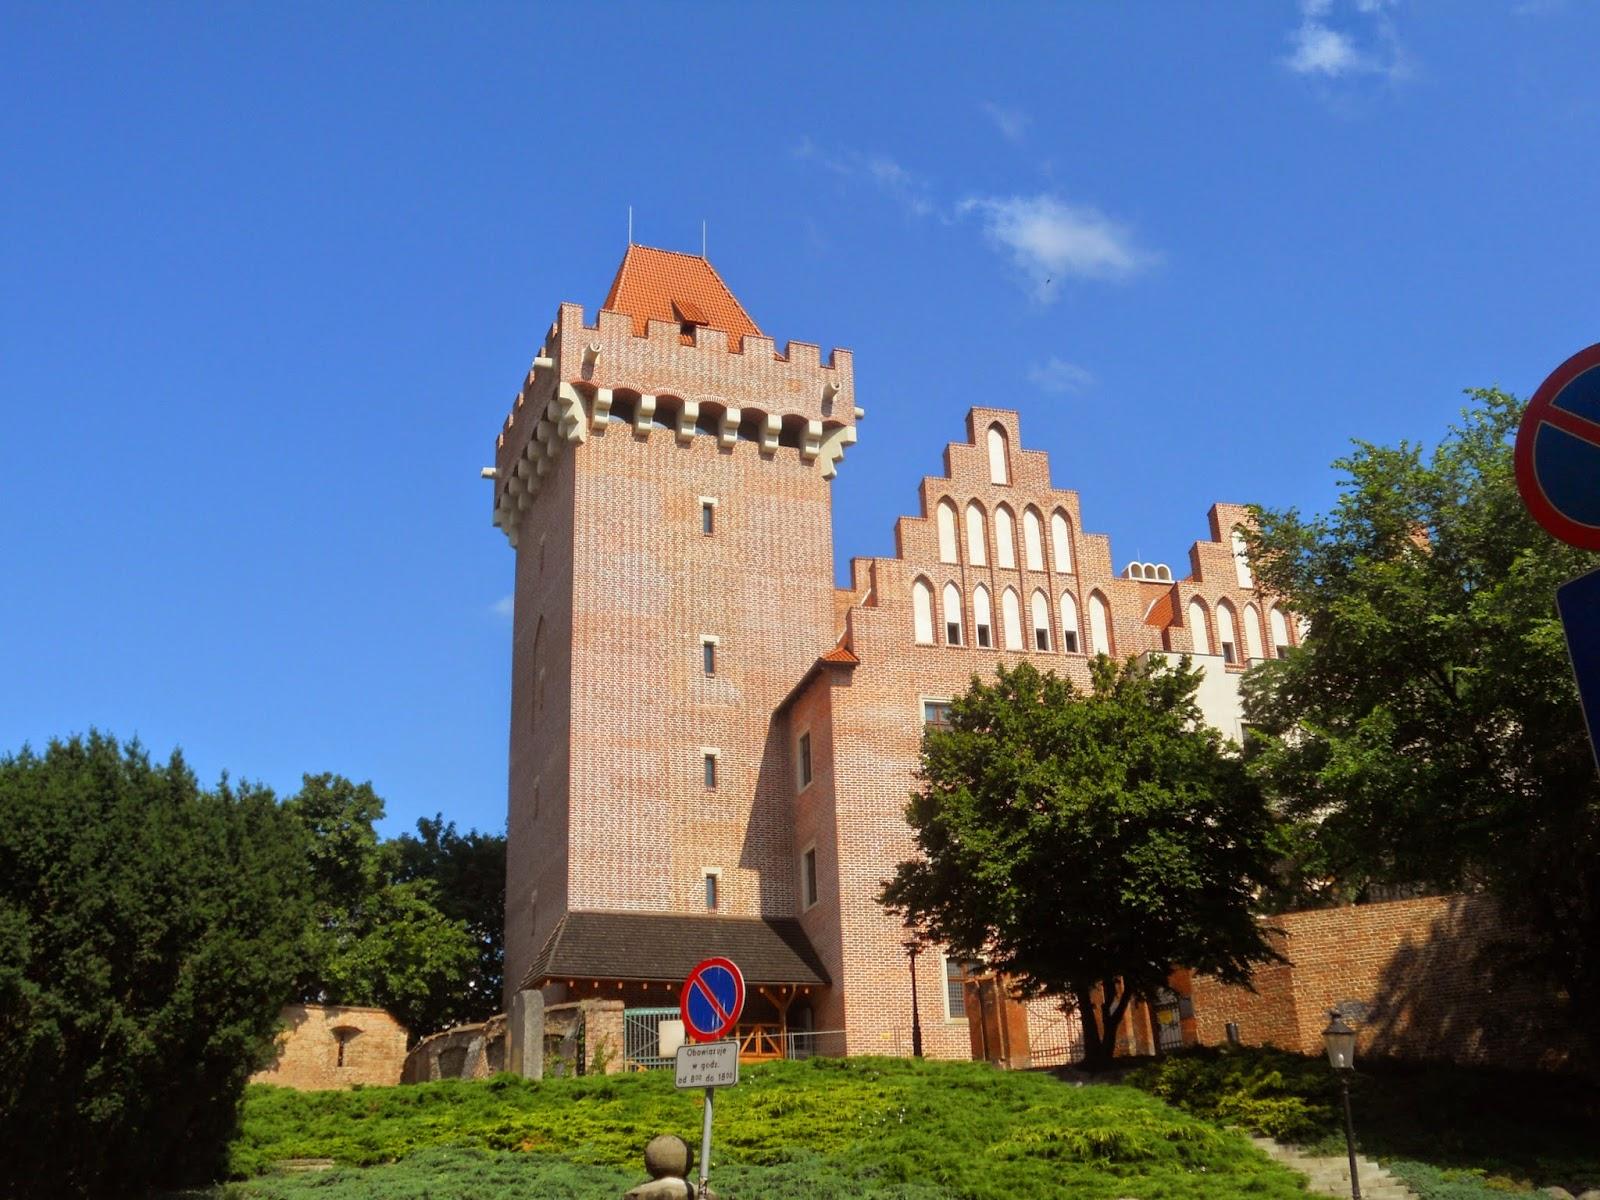 Historia y Genealogía: Castillo Real, Zamek Królewski. Poznan. Polonia